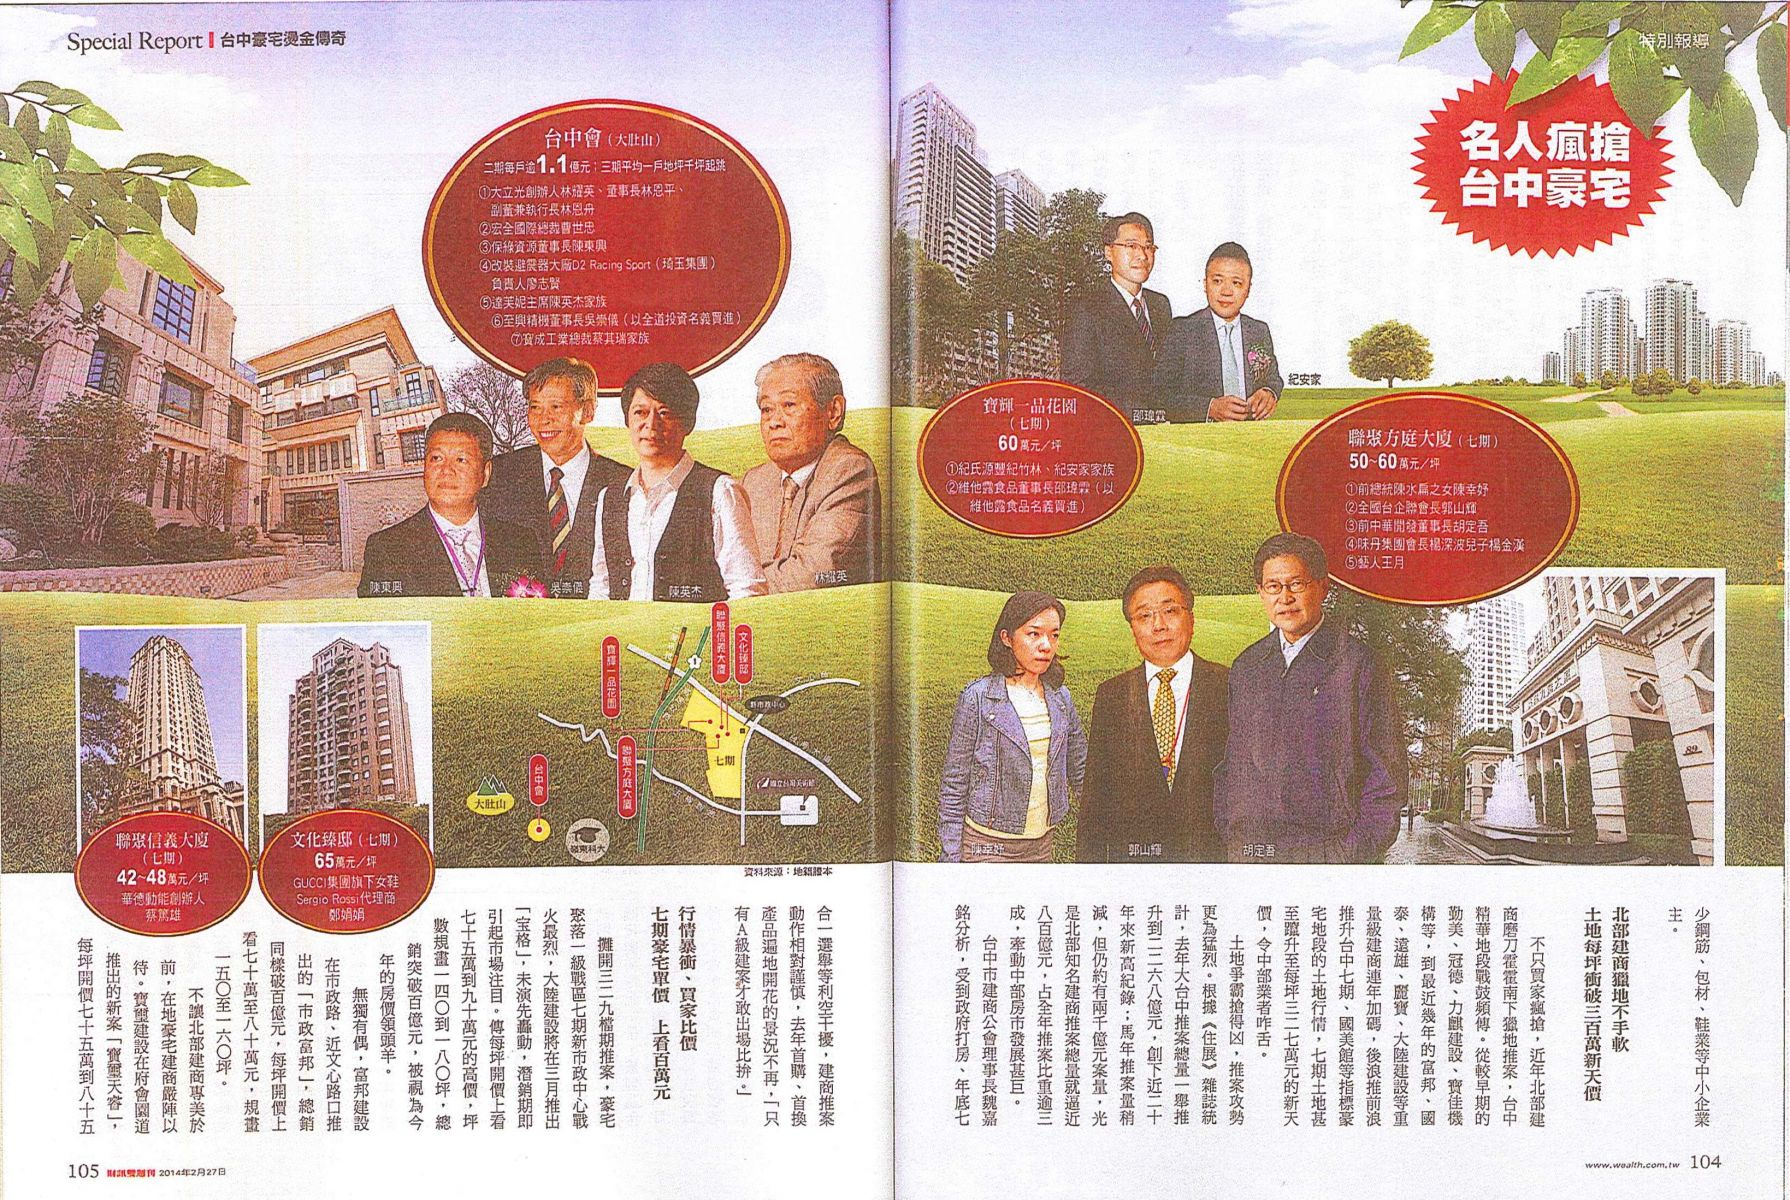 20140227 財訊雙週刊445期 (3)